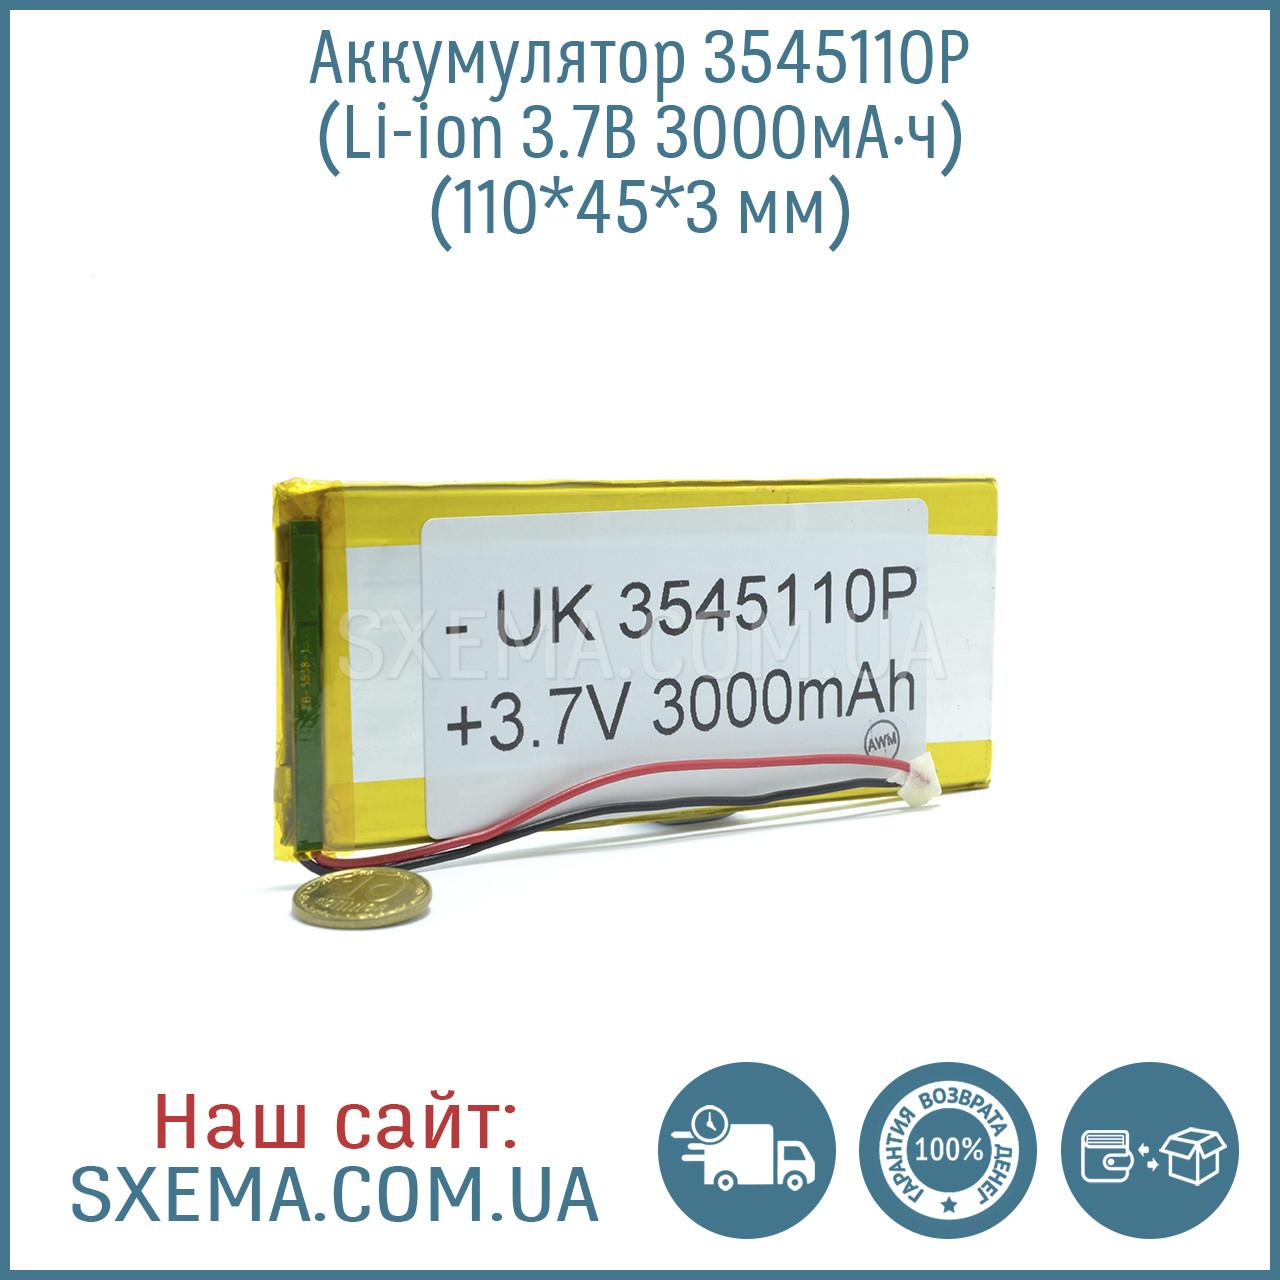 Аккумулятор  универсальный 3545110   (Li-ion 3.7В 3000мА·ч), (110*45*3 мм)